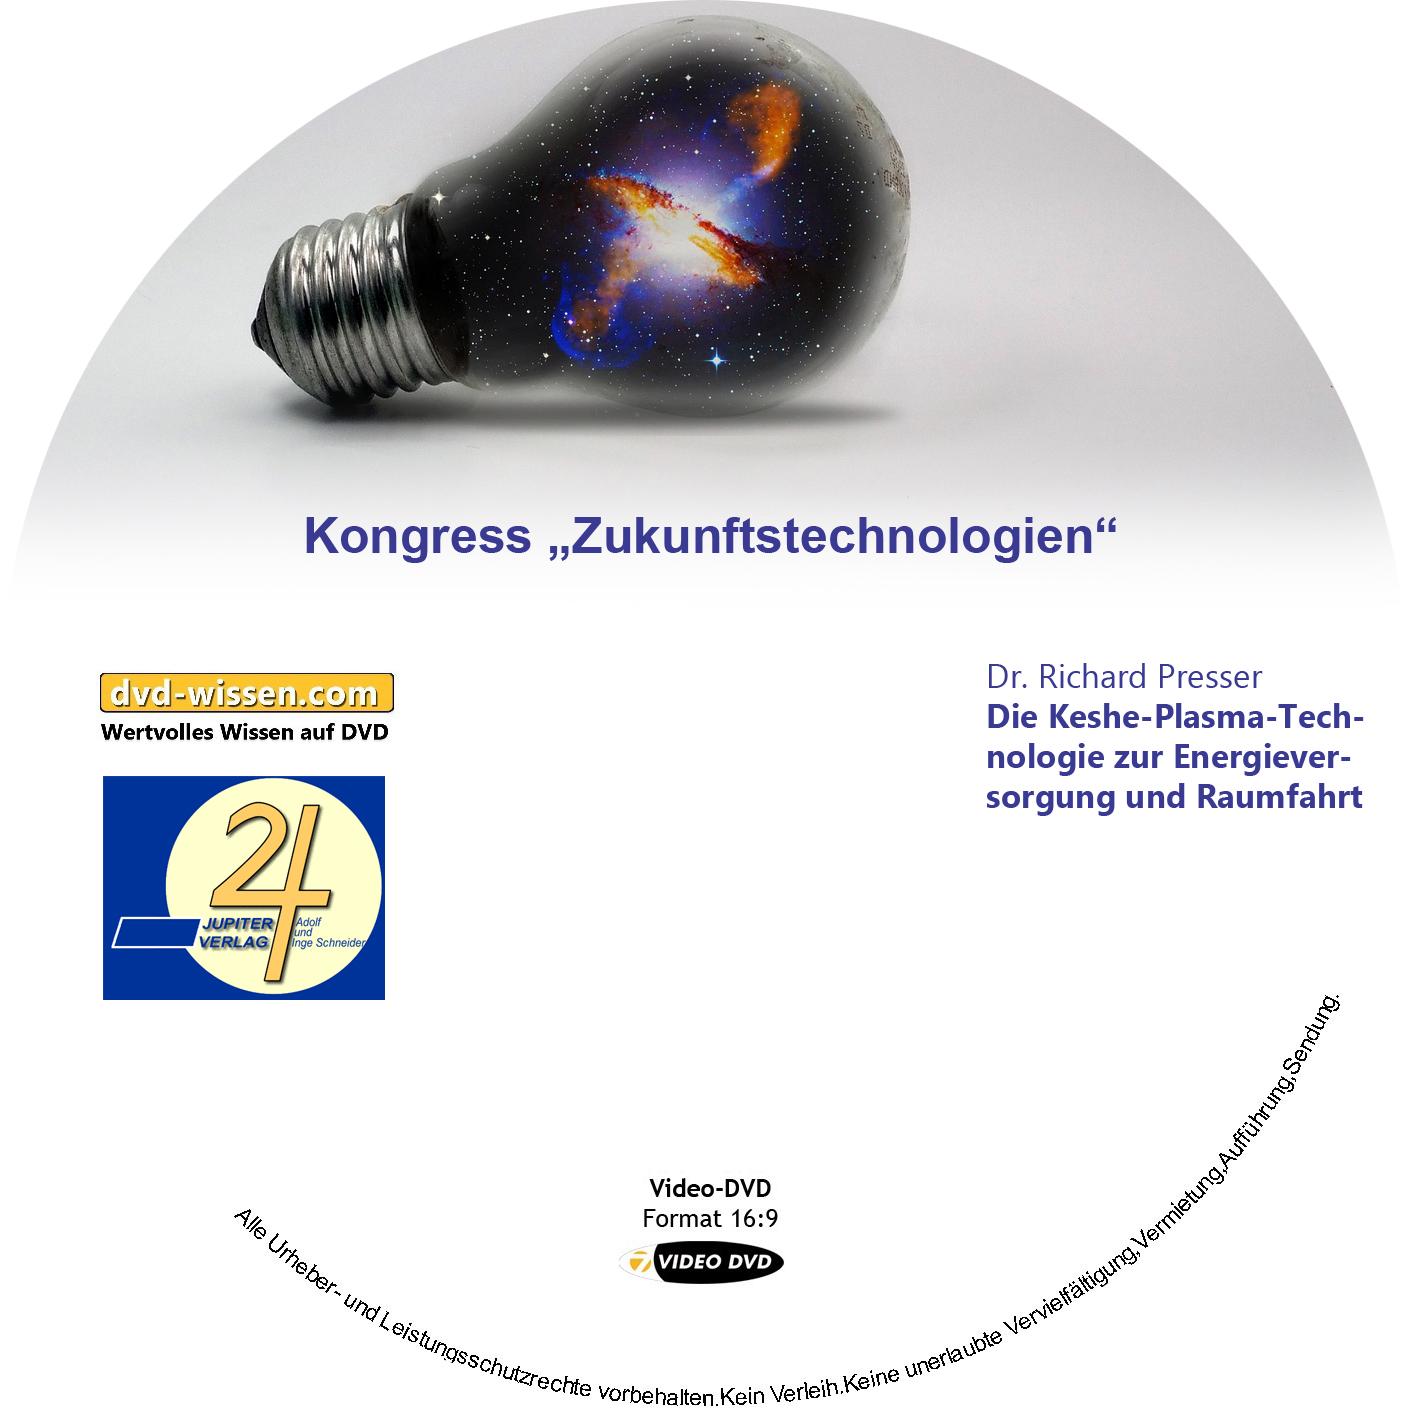 Dr. Richard Presser: Die Keshe-Plasma-Technologie zur Energieversorgung und Raumfahrt